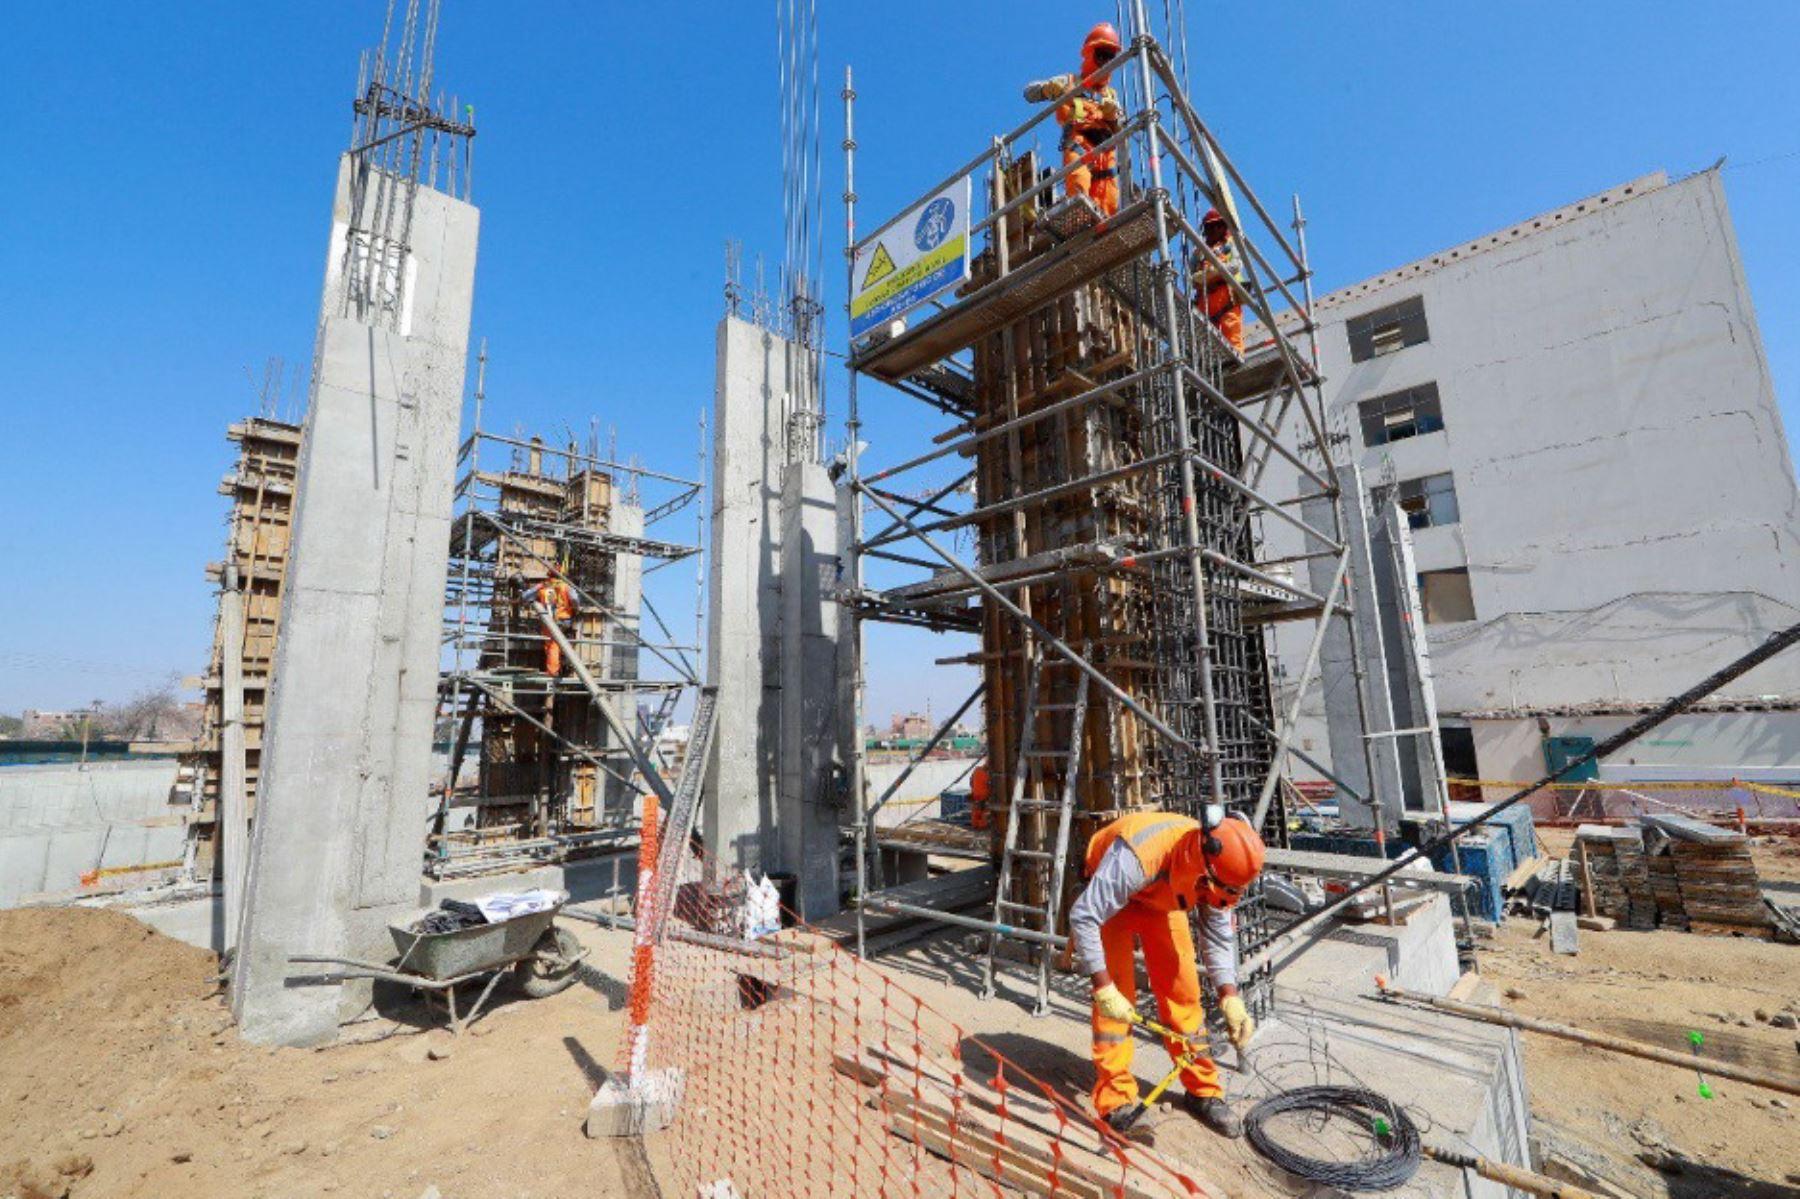 Actividad constructora en el Perú. ANDINA/Difusión